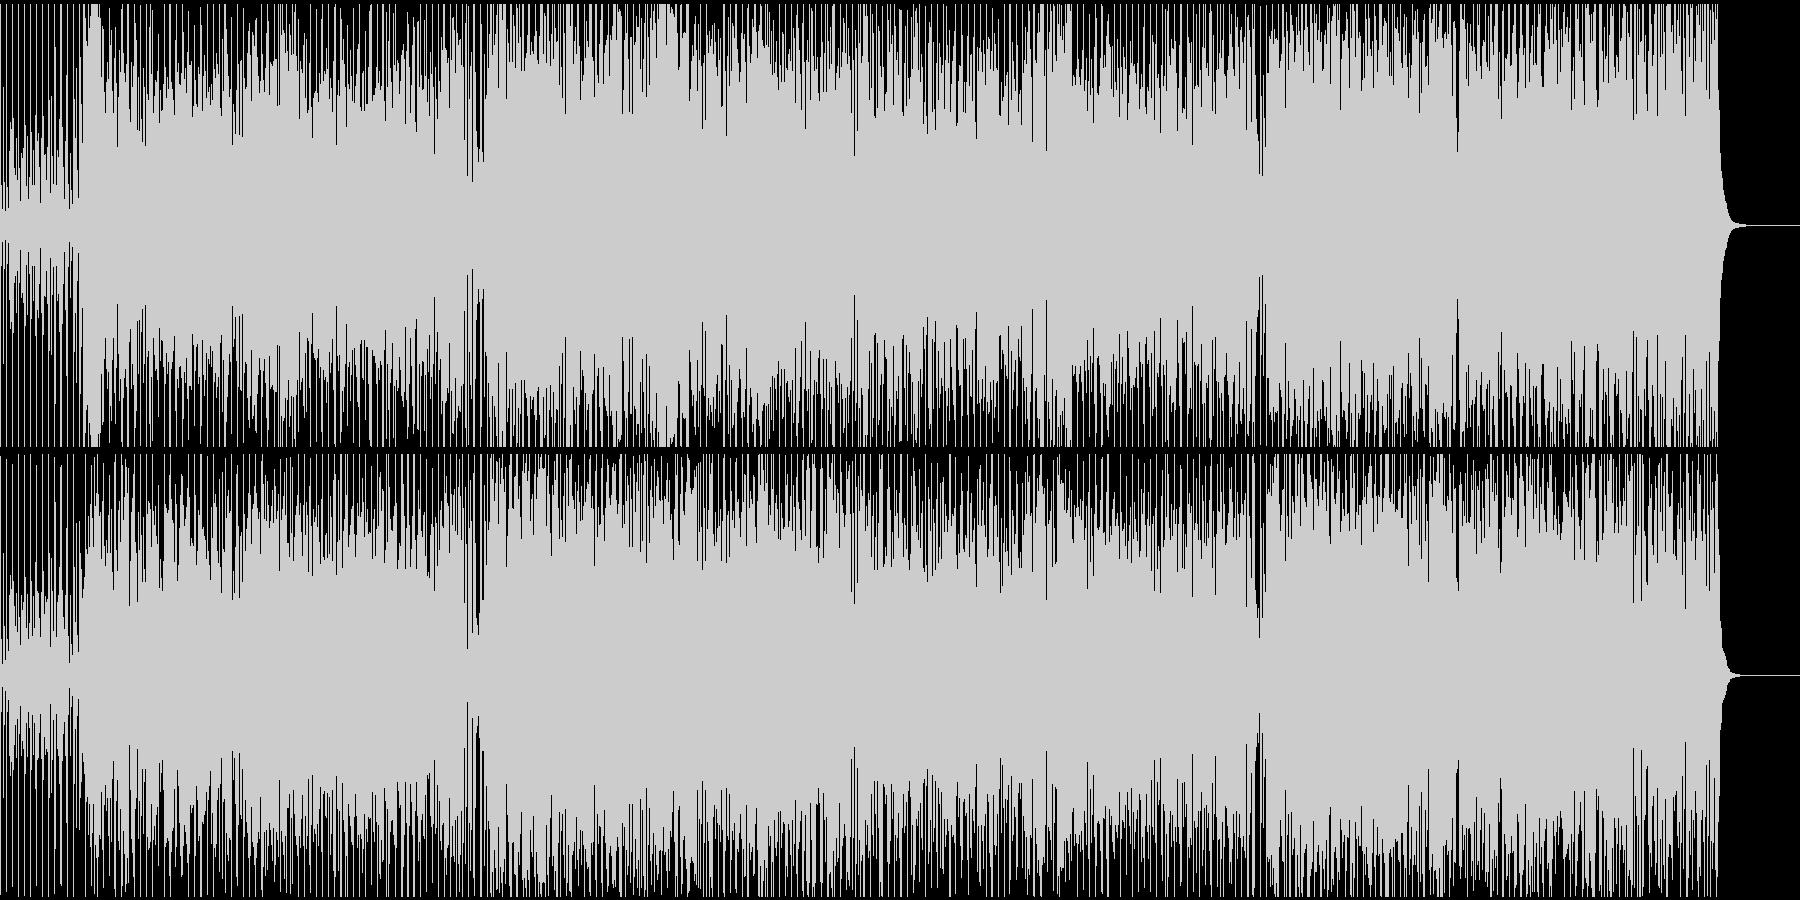 夏にピッタリ陽気なオルガンポップなサンバの未再生の波形